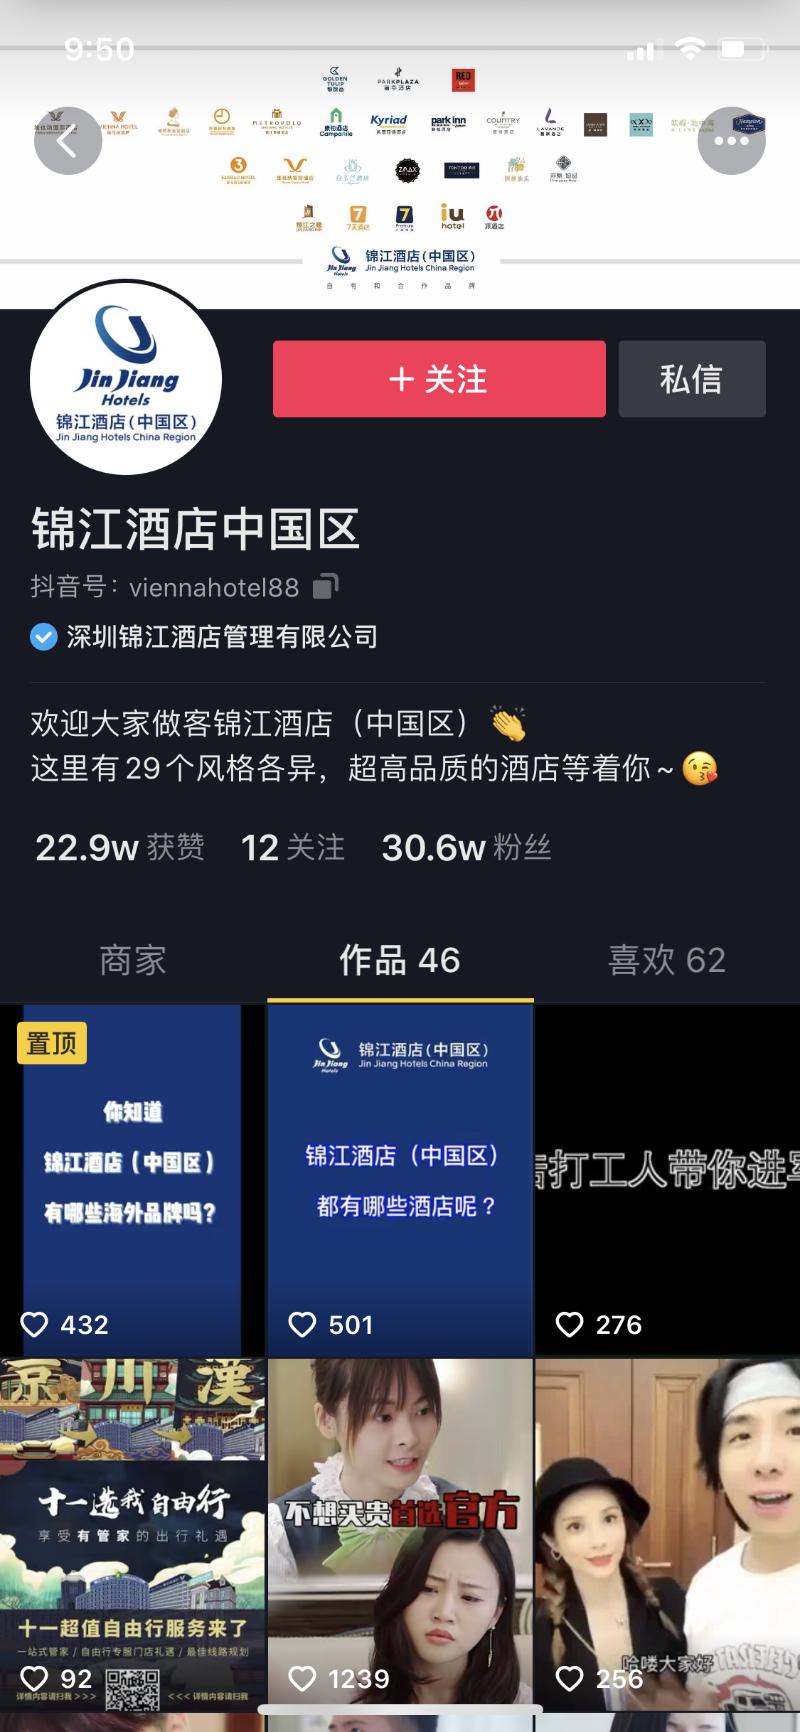 锦江酒店抖音代运营案例